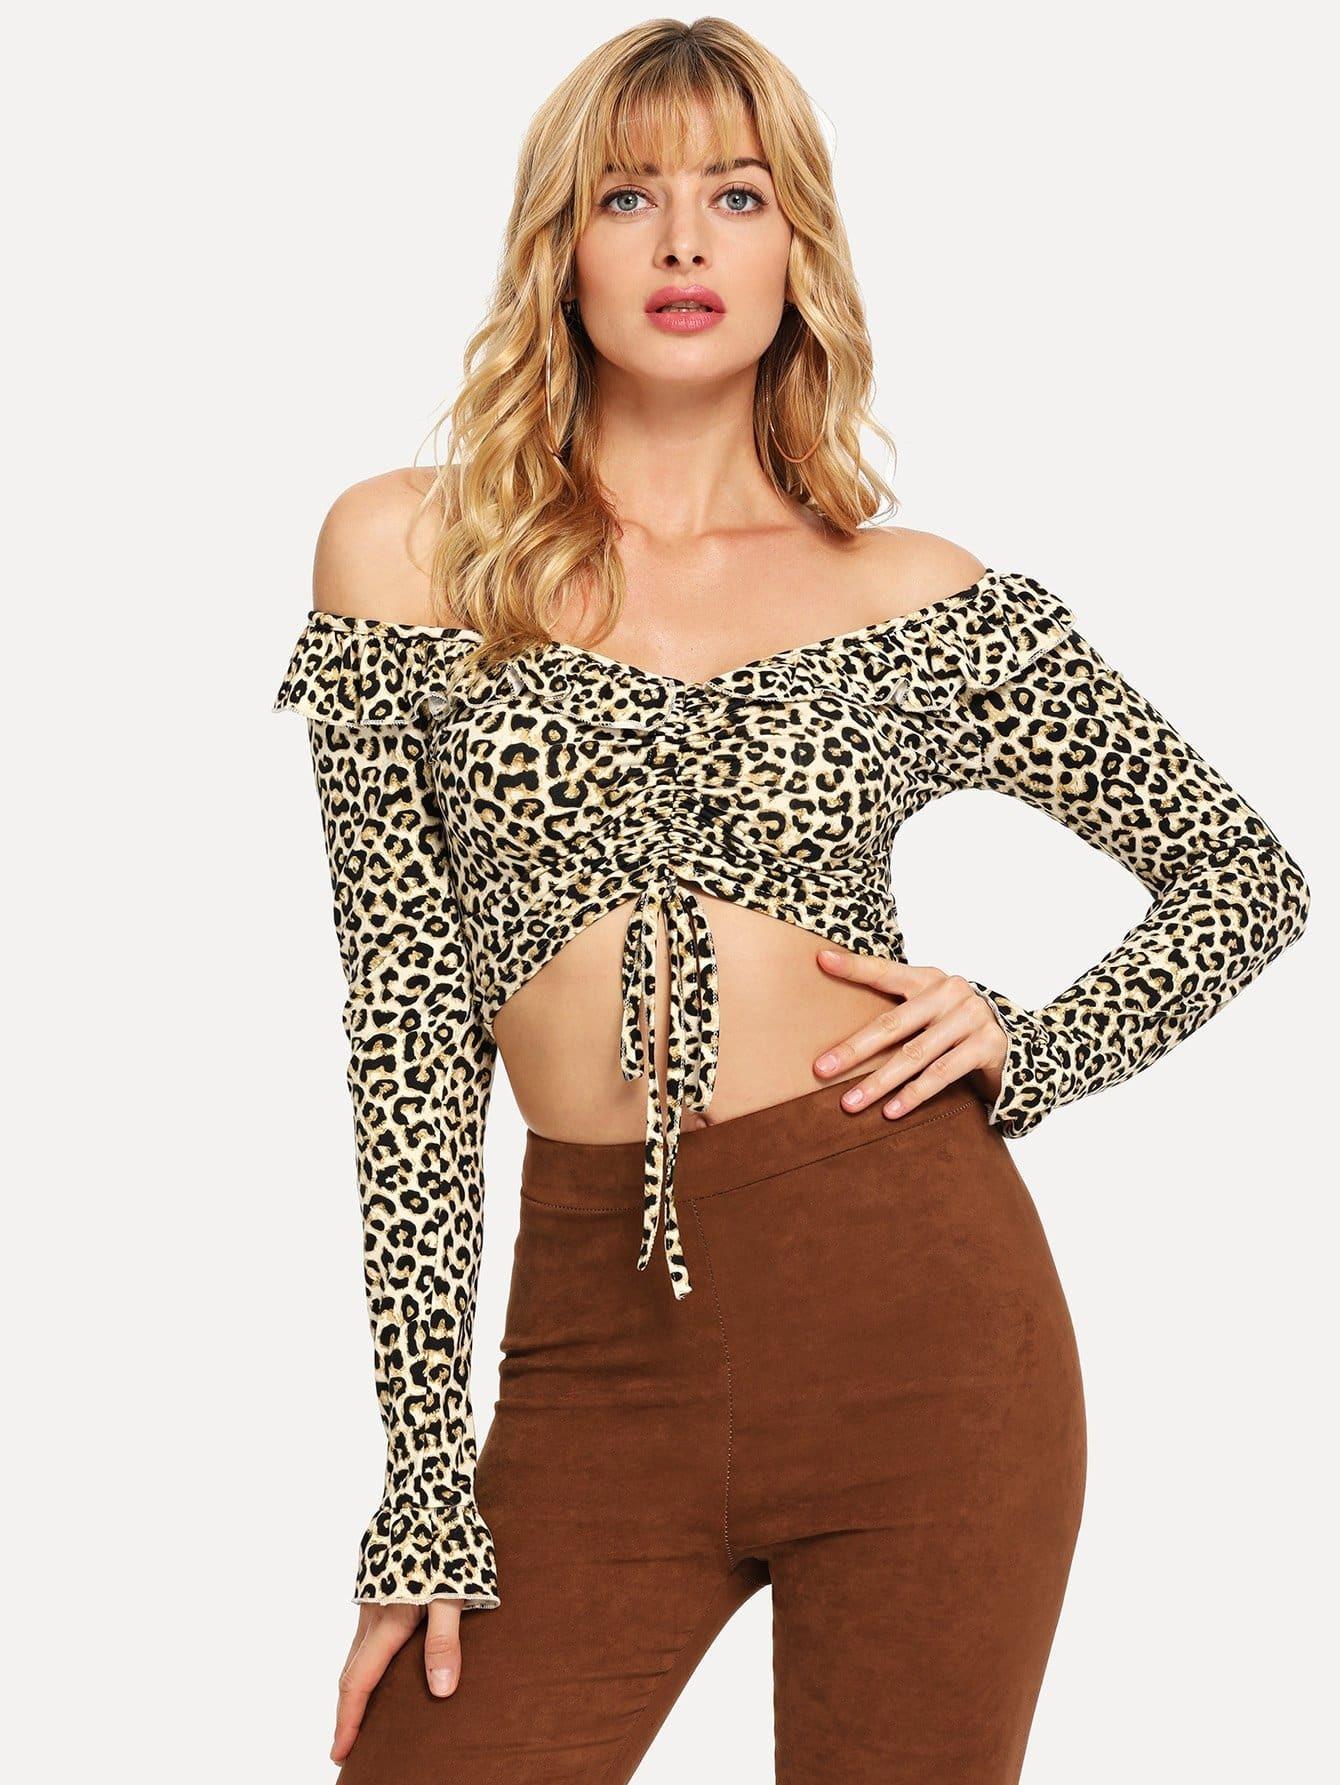 Купить Леопардовая короткая футболка с открытыми плечами, Masha, SheIn